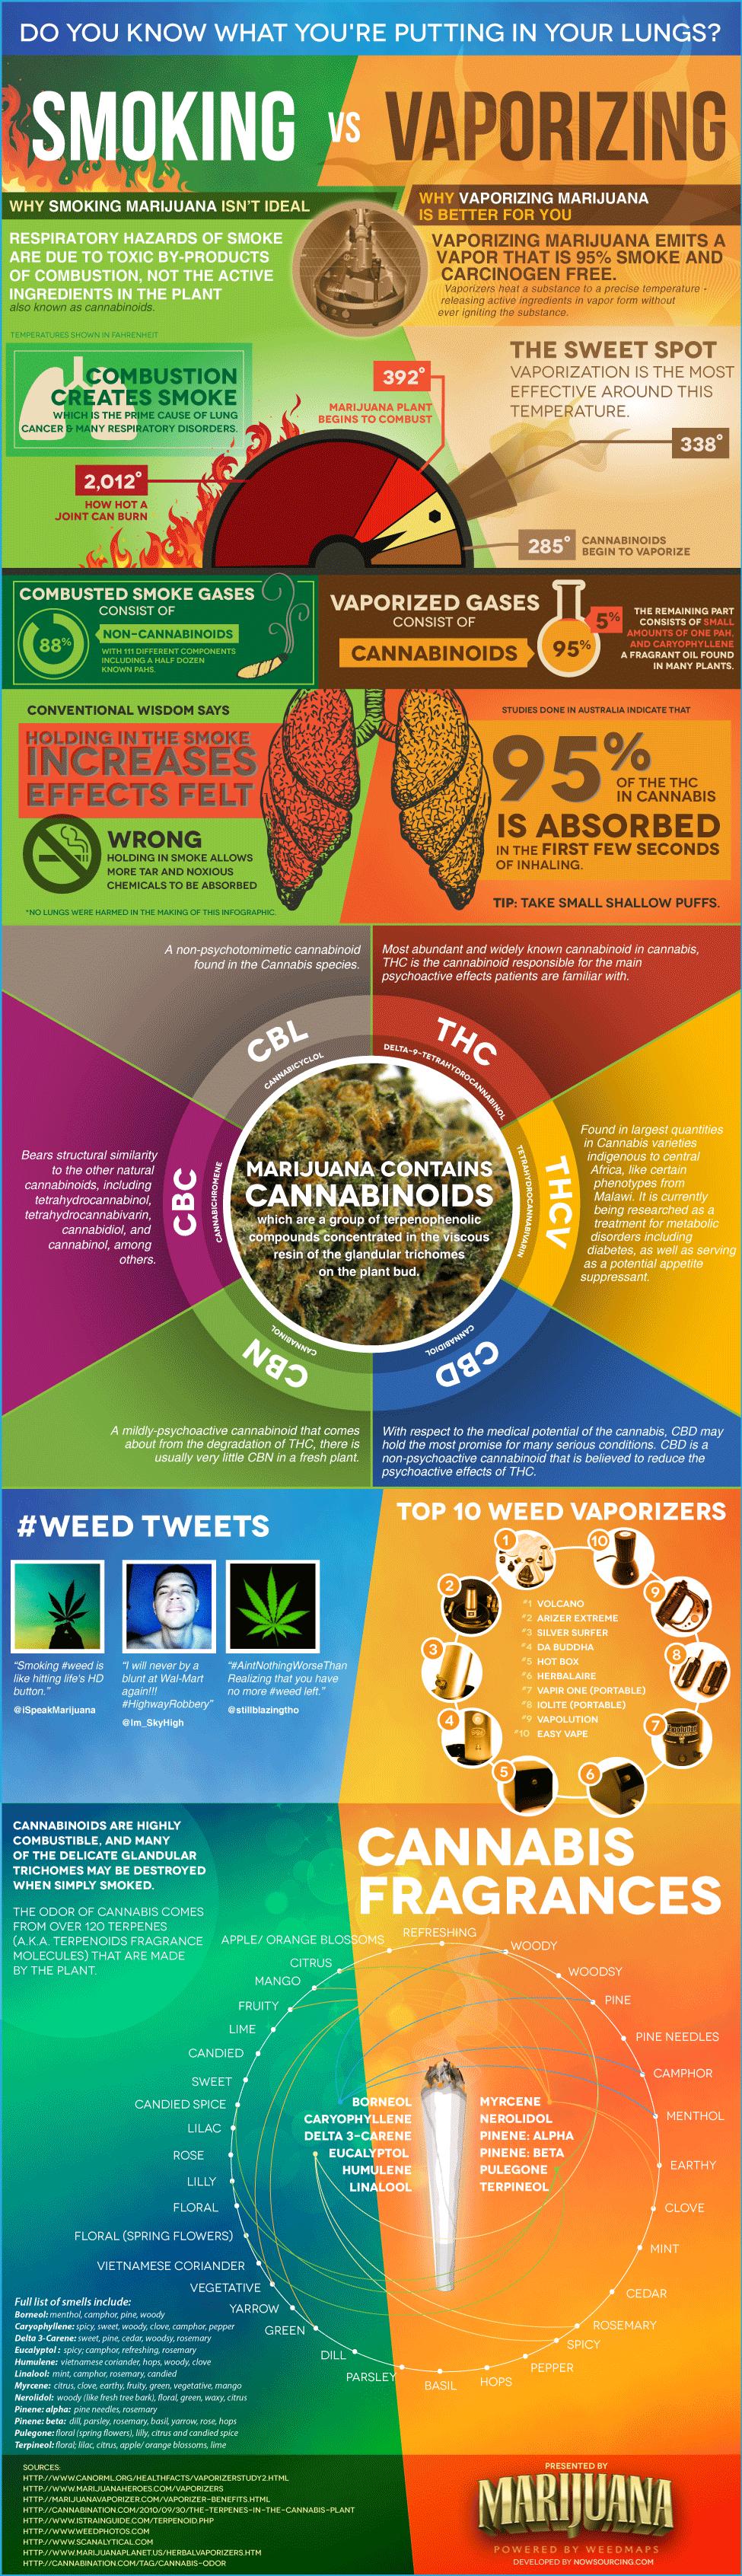 Marijuana: Smoking vs Vaporizing